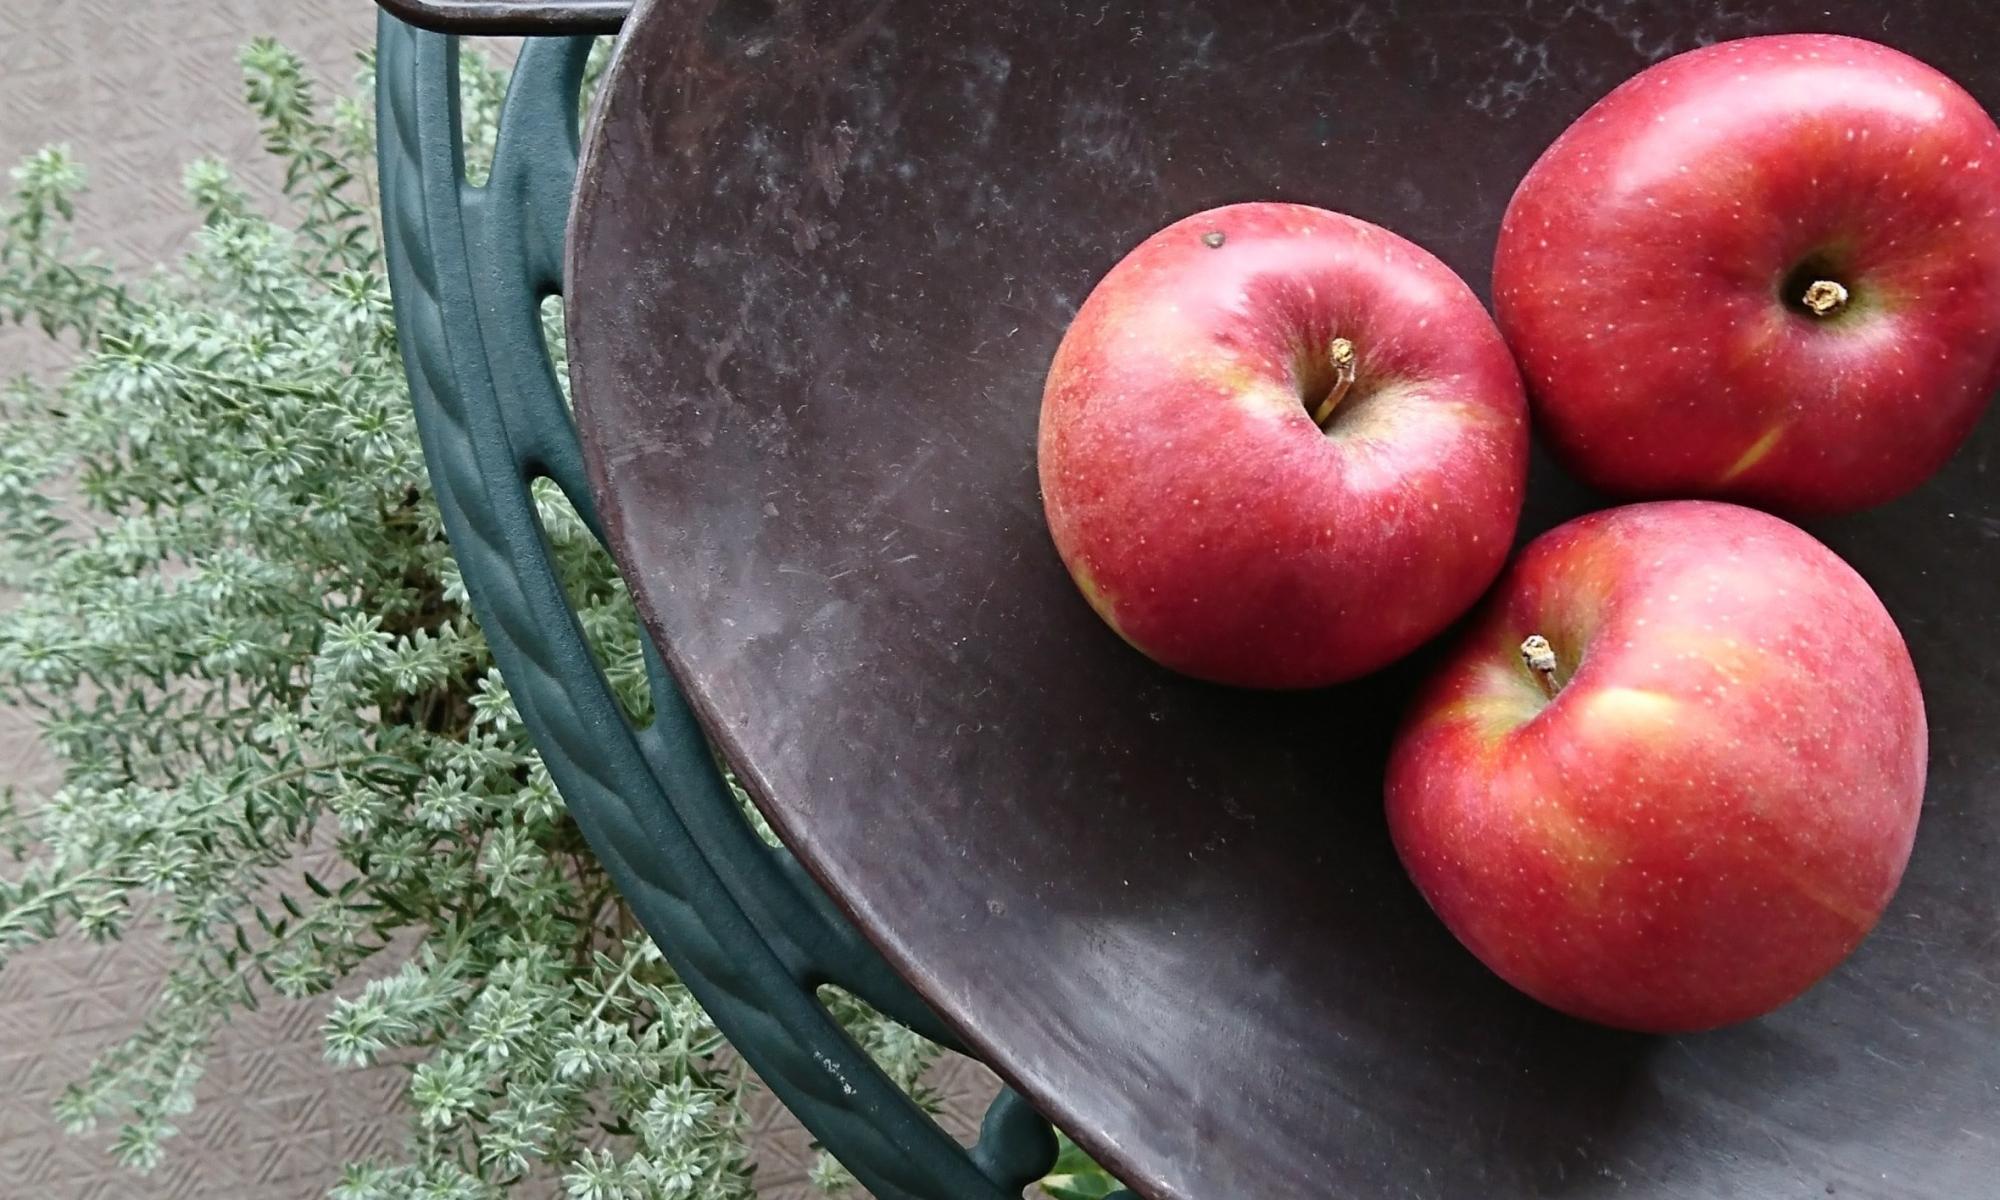 黒皿に真っ赤な林檎が3つ並んでます。